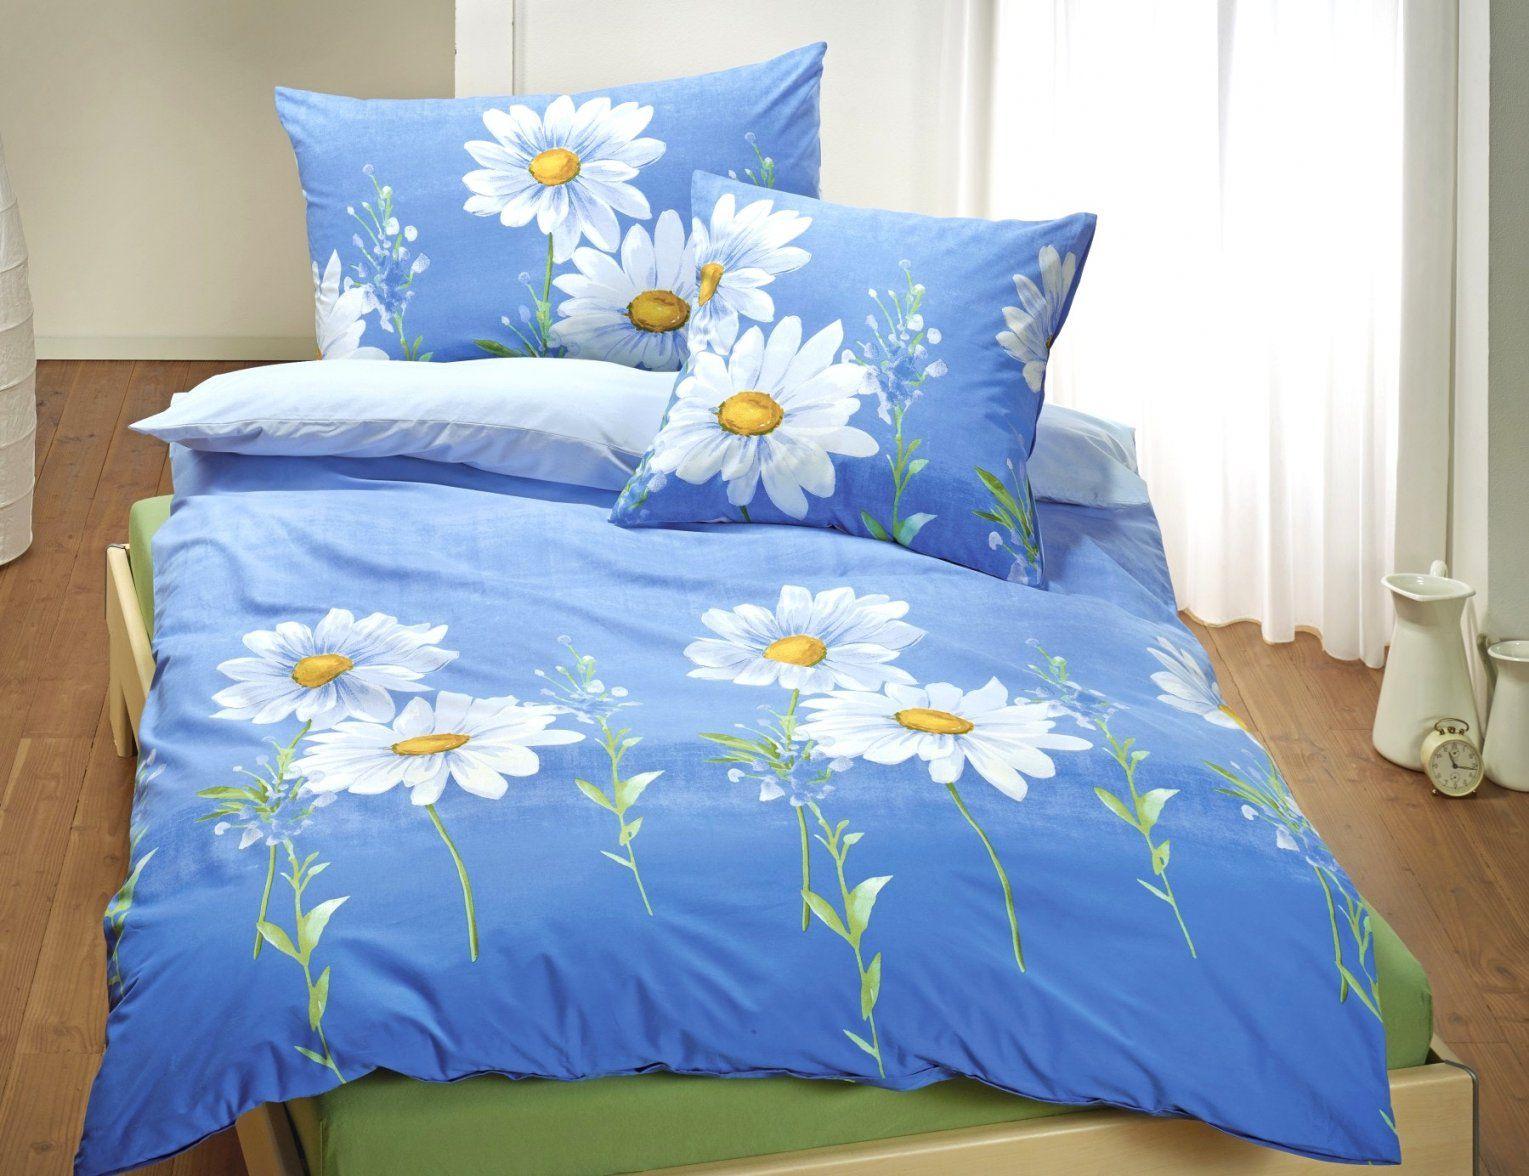 Unglaubliche Inspiration Bettwäsche Mit Eigenem Foto Und Wunderbare von Bettwäsche Selbst Bedrucken Bild